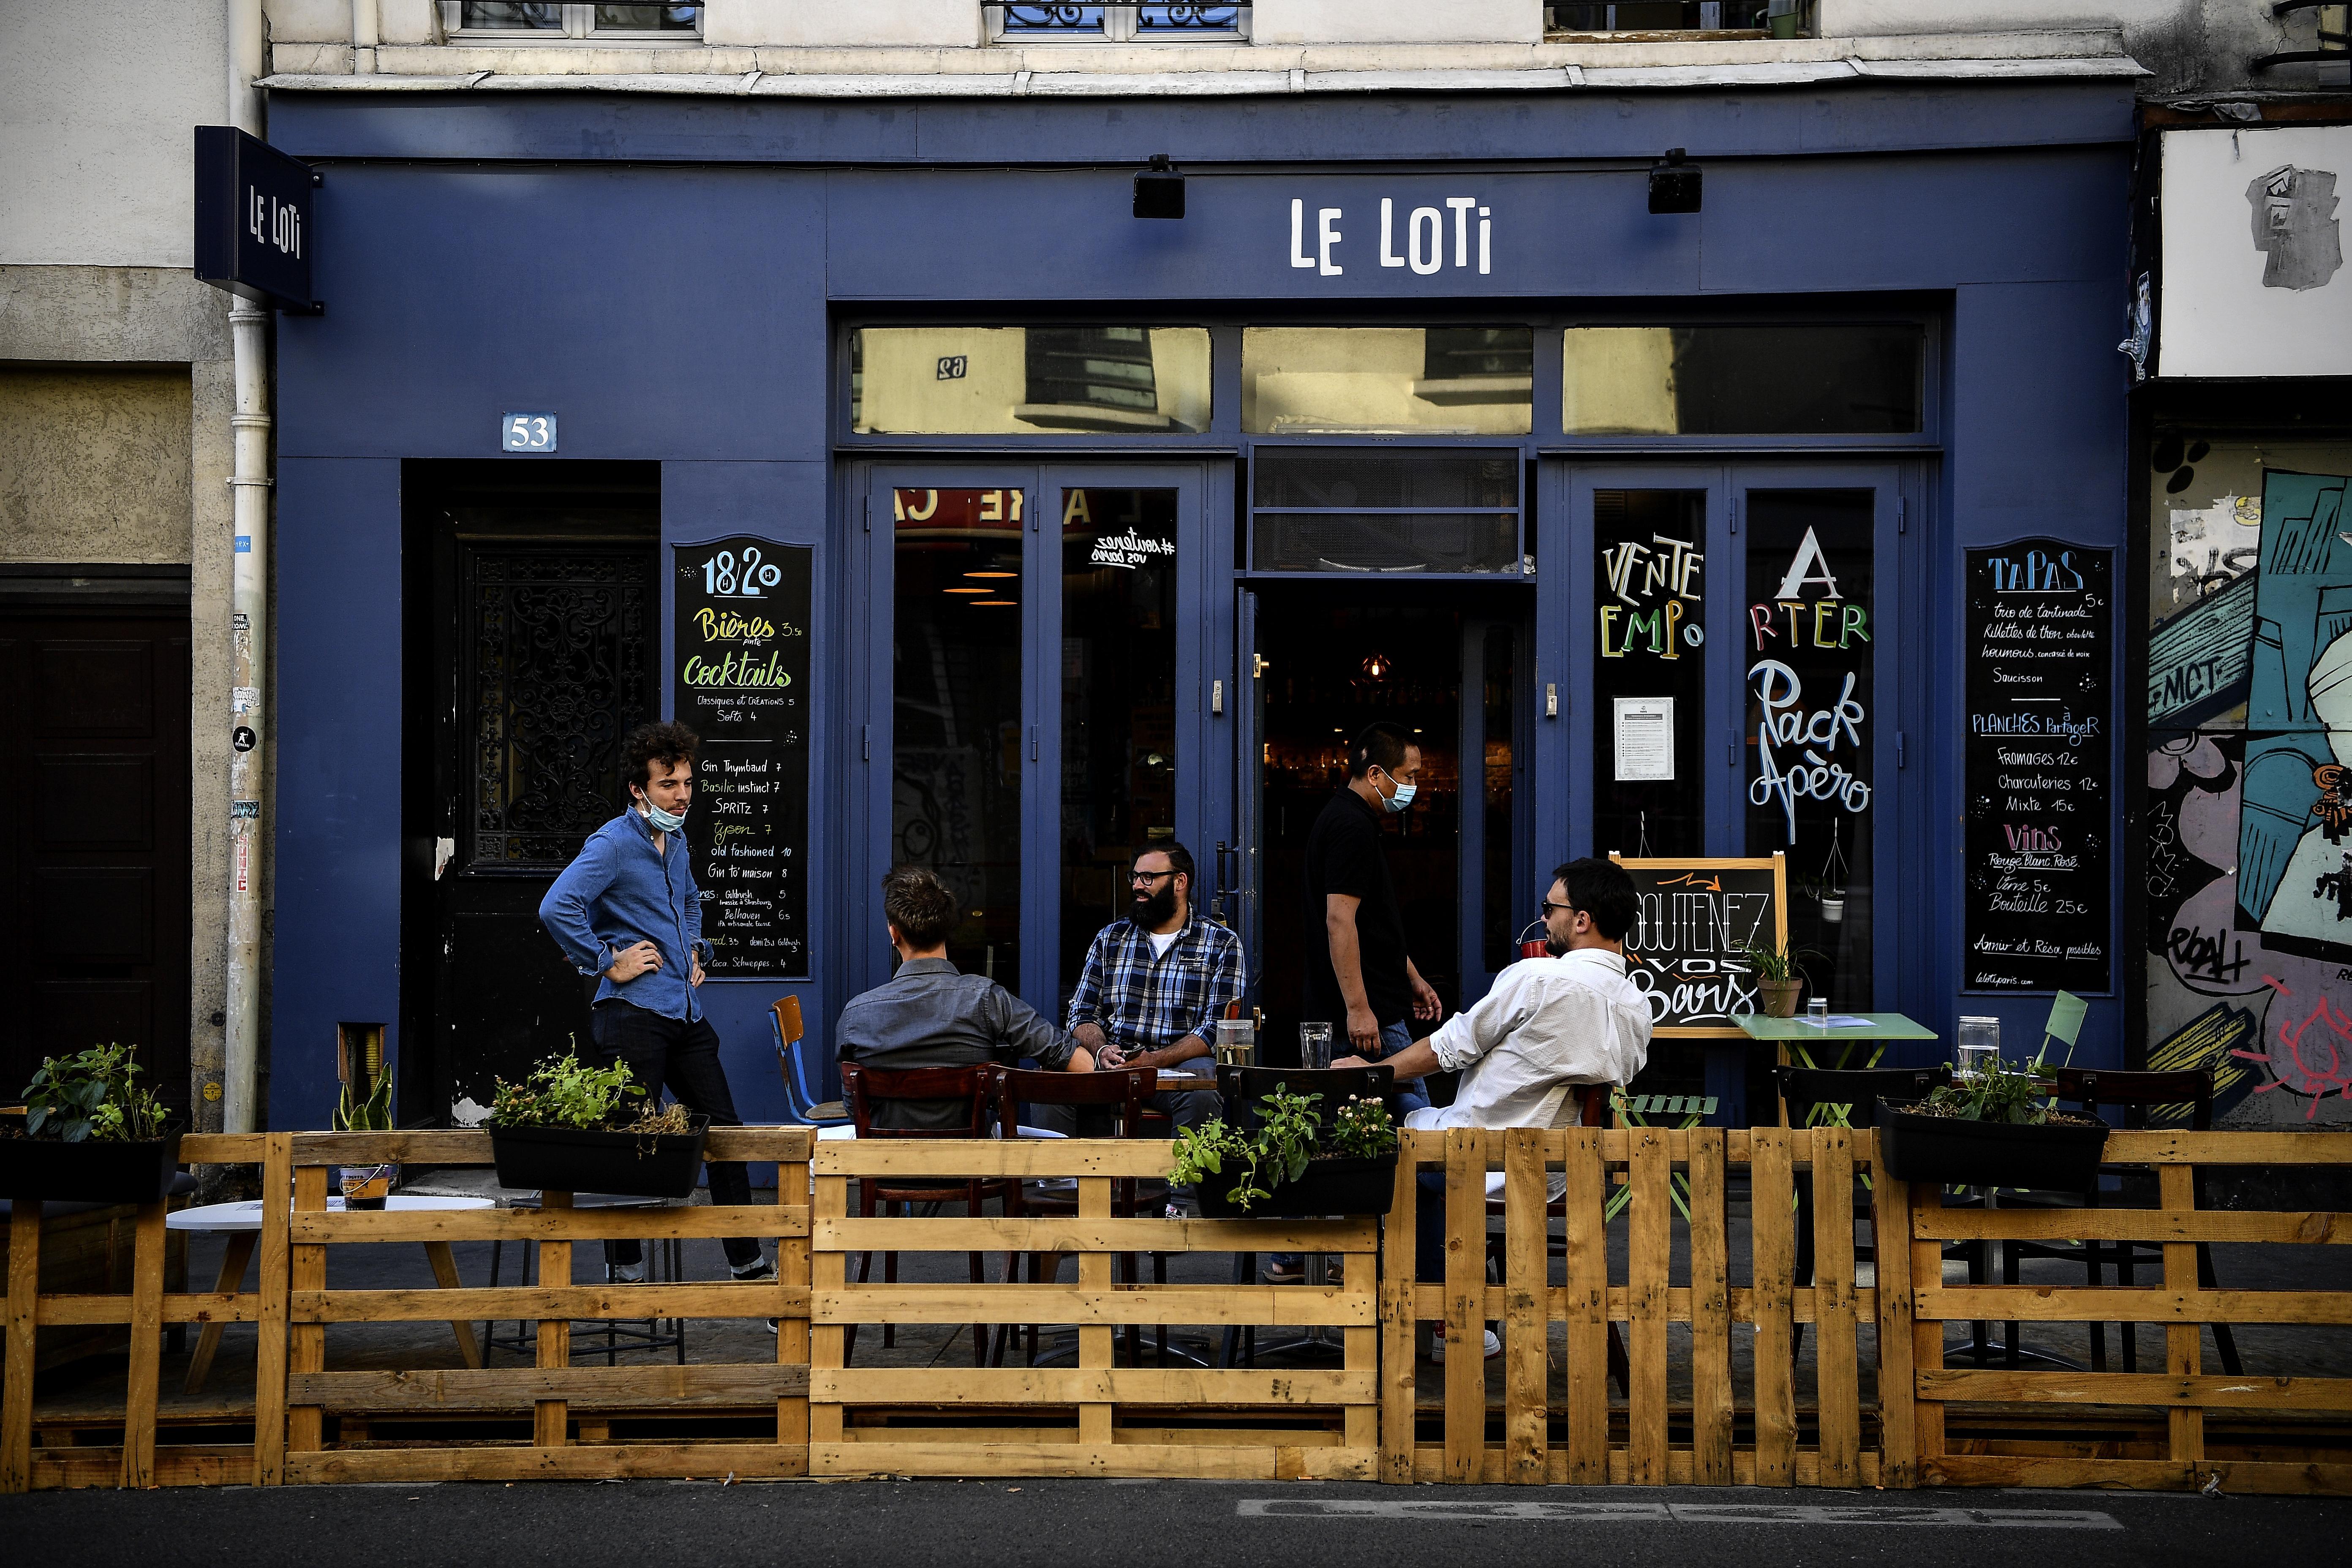 Párizsban közel jutottak ahhoz, hogy újra bezárják a kocsmákat és az éttermeket